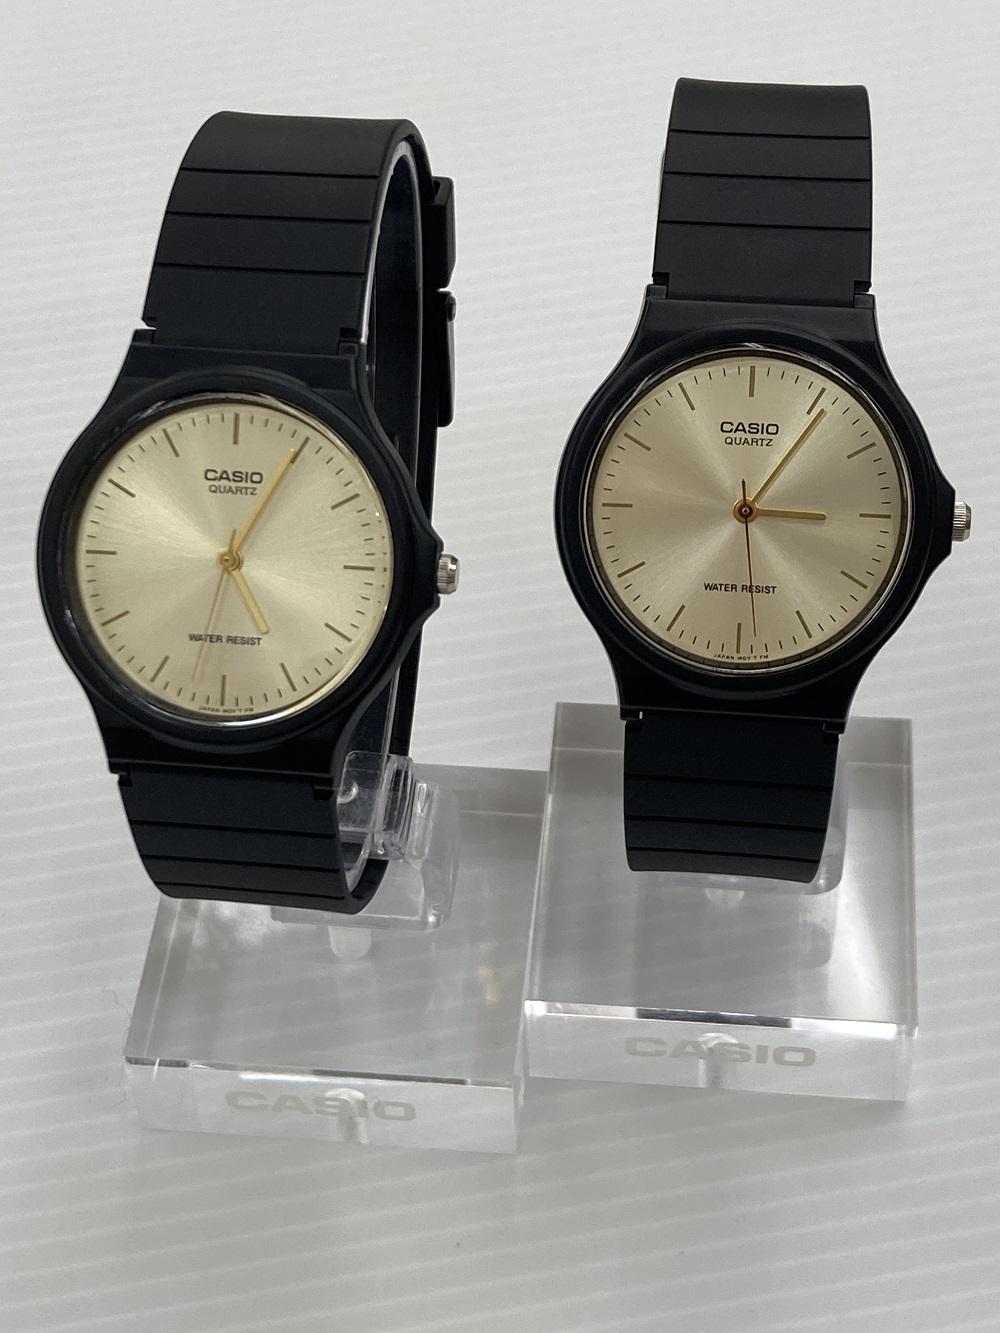 チープカシオシリーズ人気モデルペア2本セット メール便対象商品 CASIO 国内正規品 腕時計 ペア 定番モデル MQ-24-9ELJF キャンペーンもお見逃しなく 2本セット